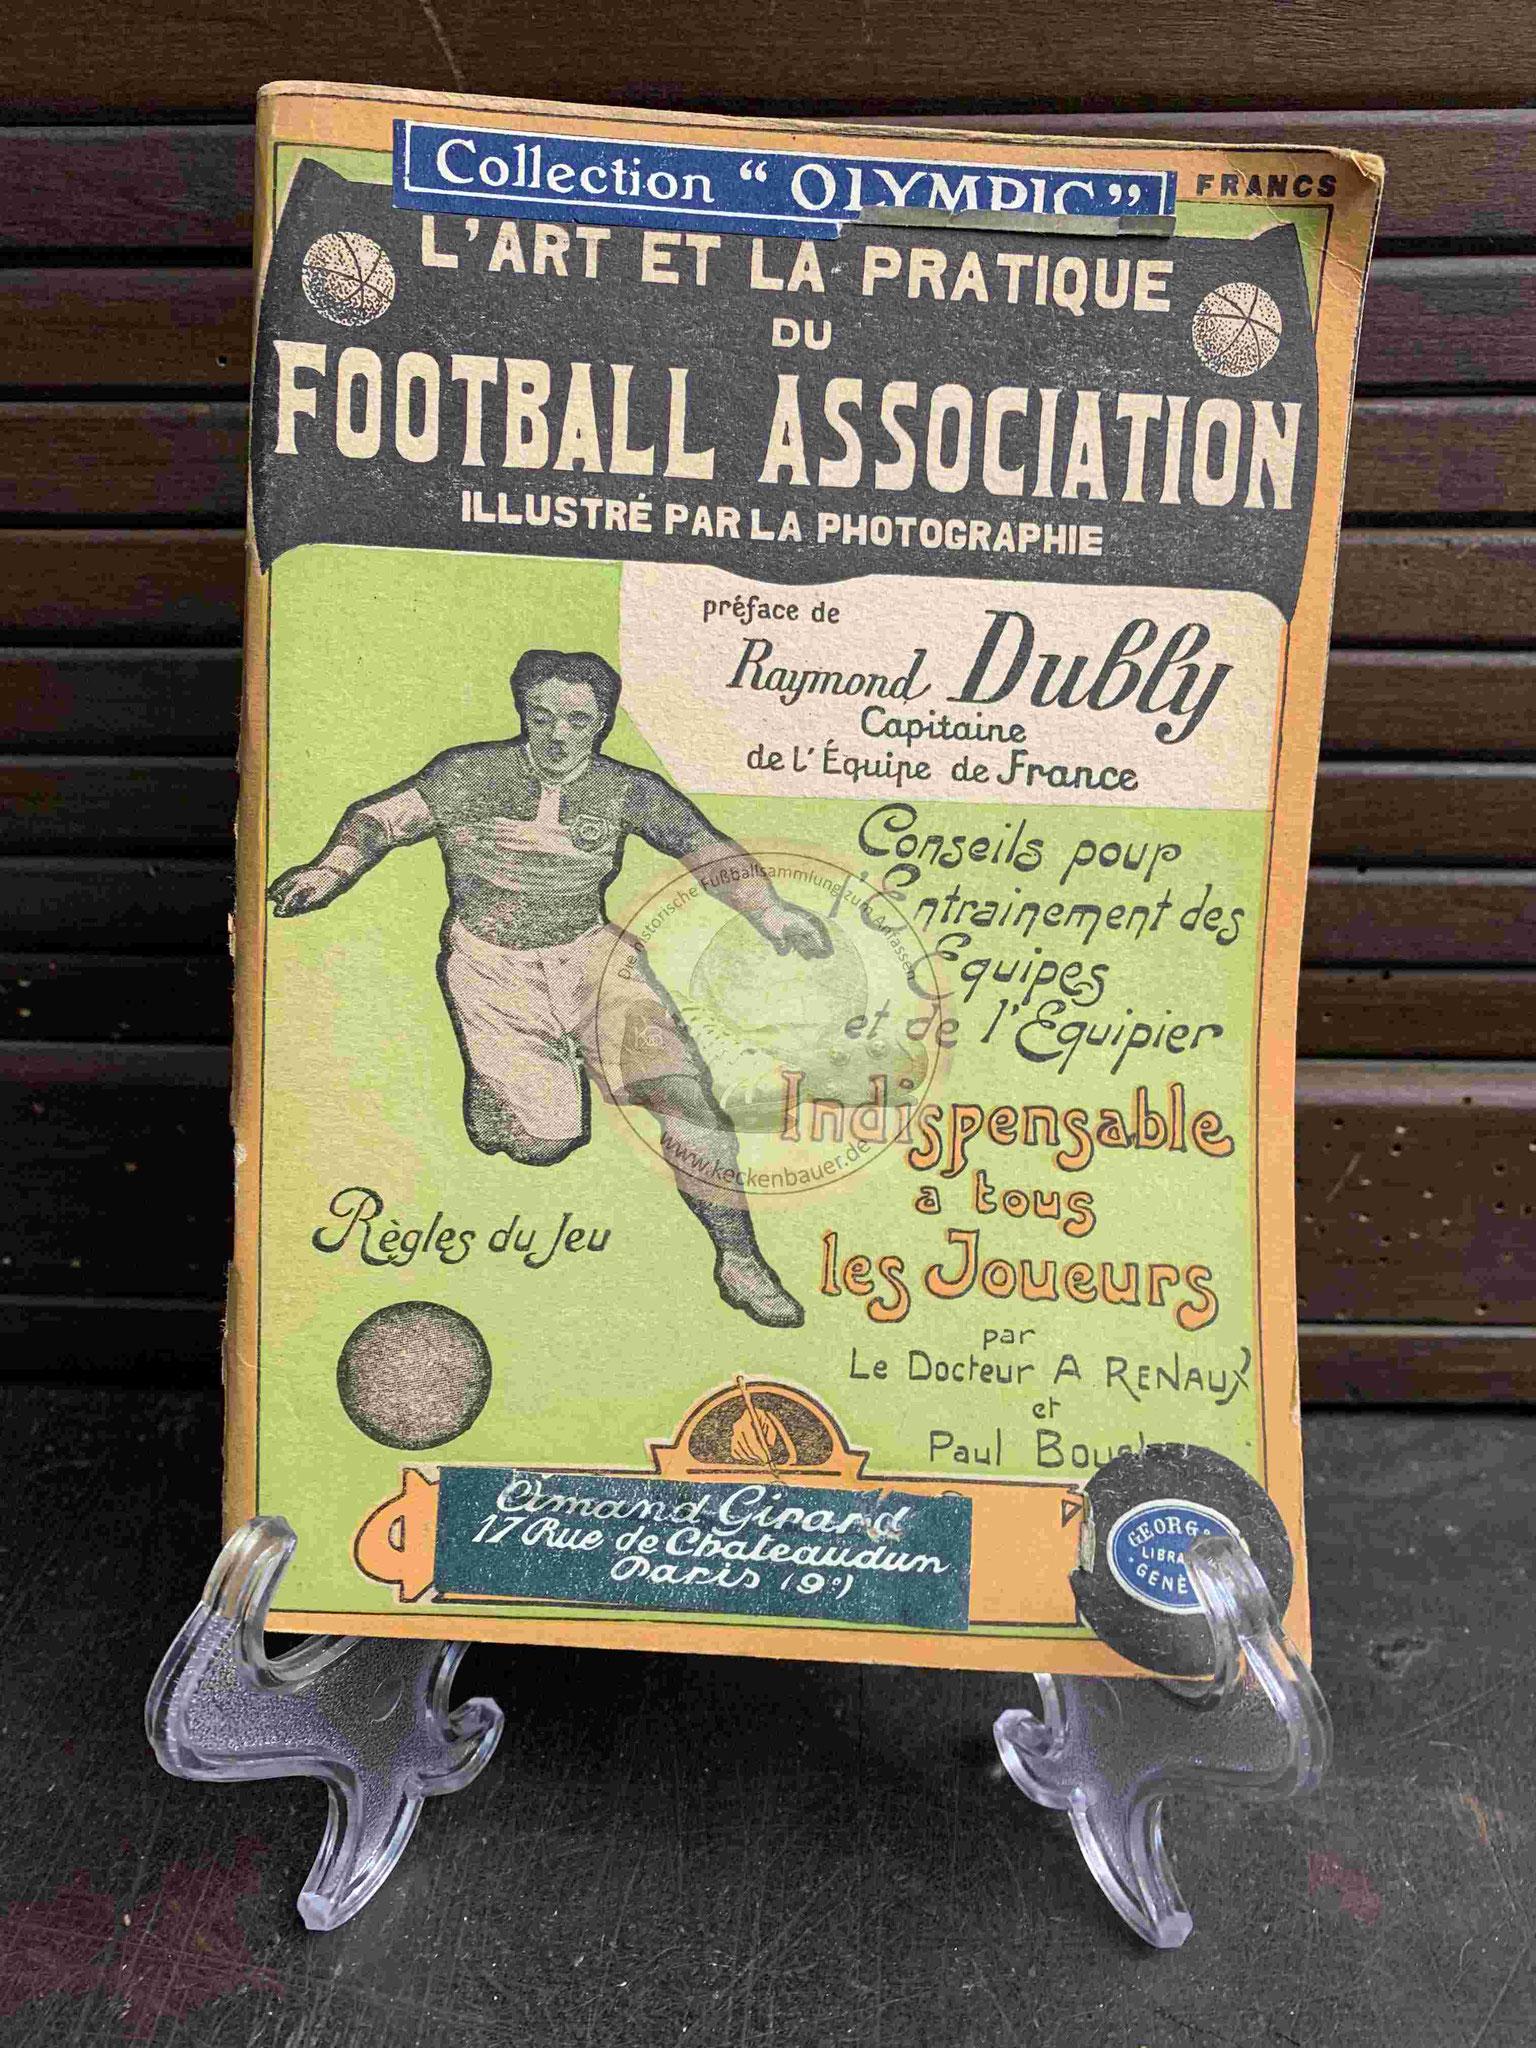 Lárt et la Pratique du Football Association préface de Raymond Dubly aus dem Jahr 1924